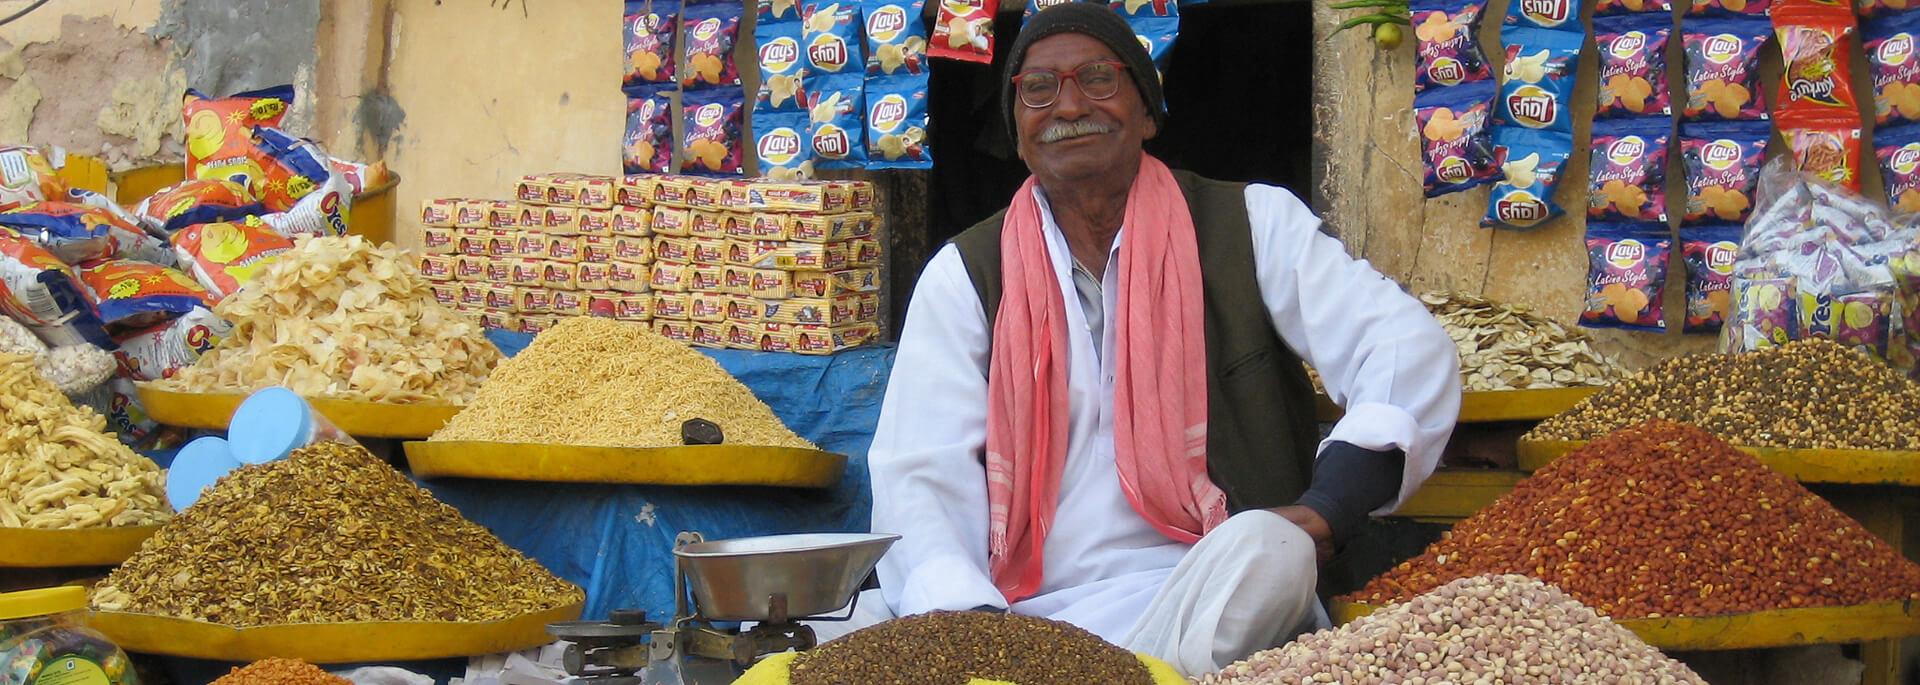 Fotos: Indien, quer durch Rajasthan